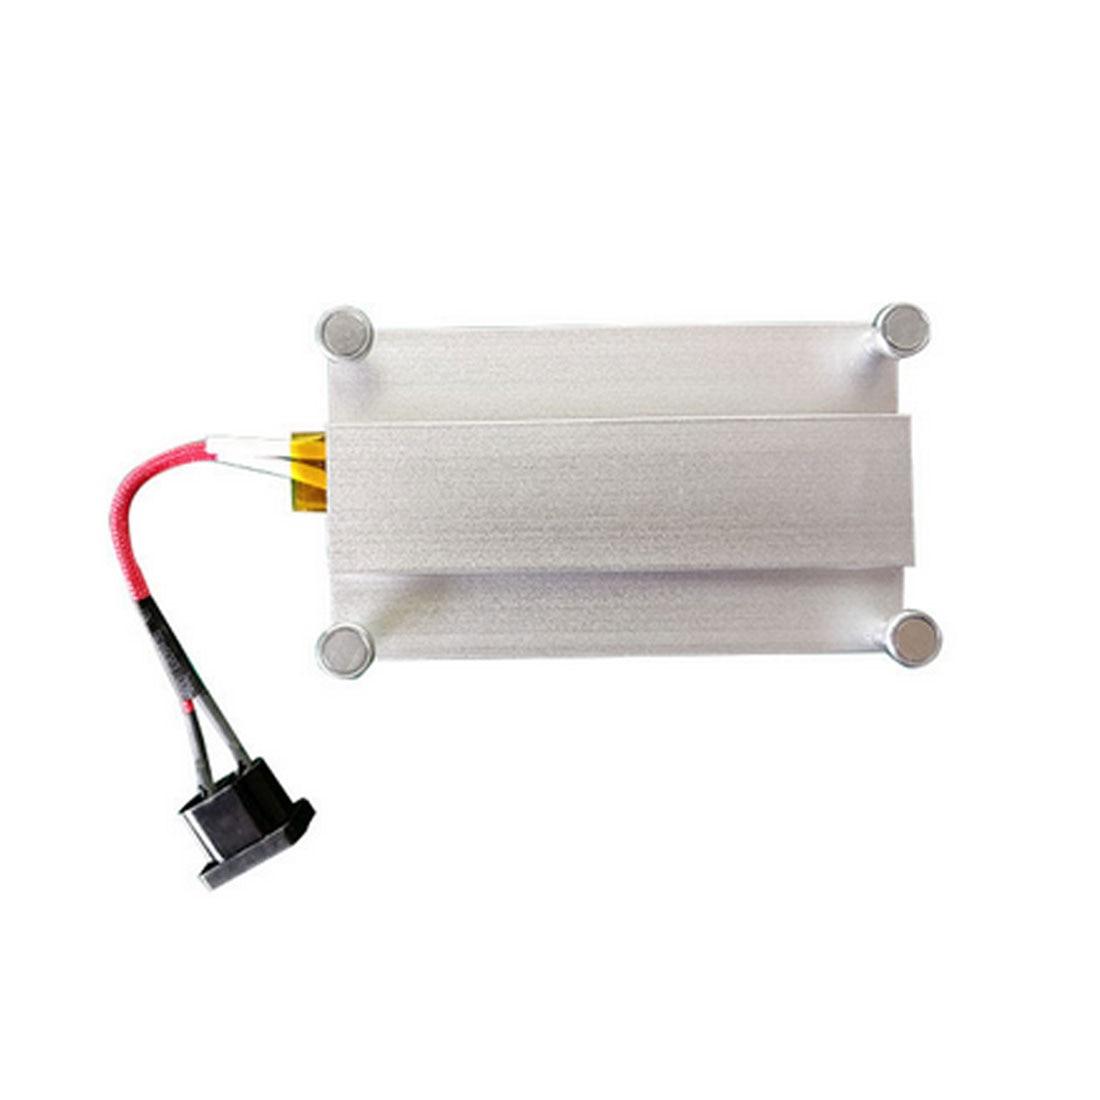 1pc LED Remover High Power PTC Heating Plate Soldering Chip Remove Weld BGA Station Split Plate For BGA Solder Ball